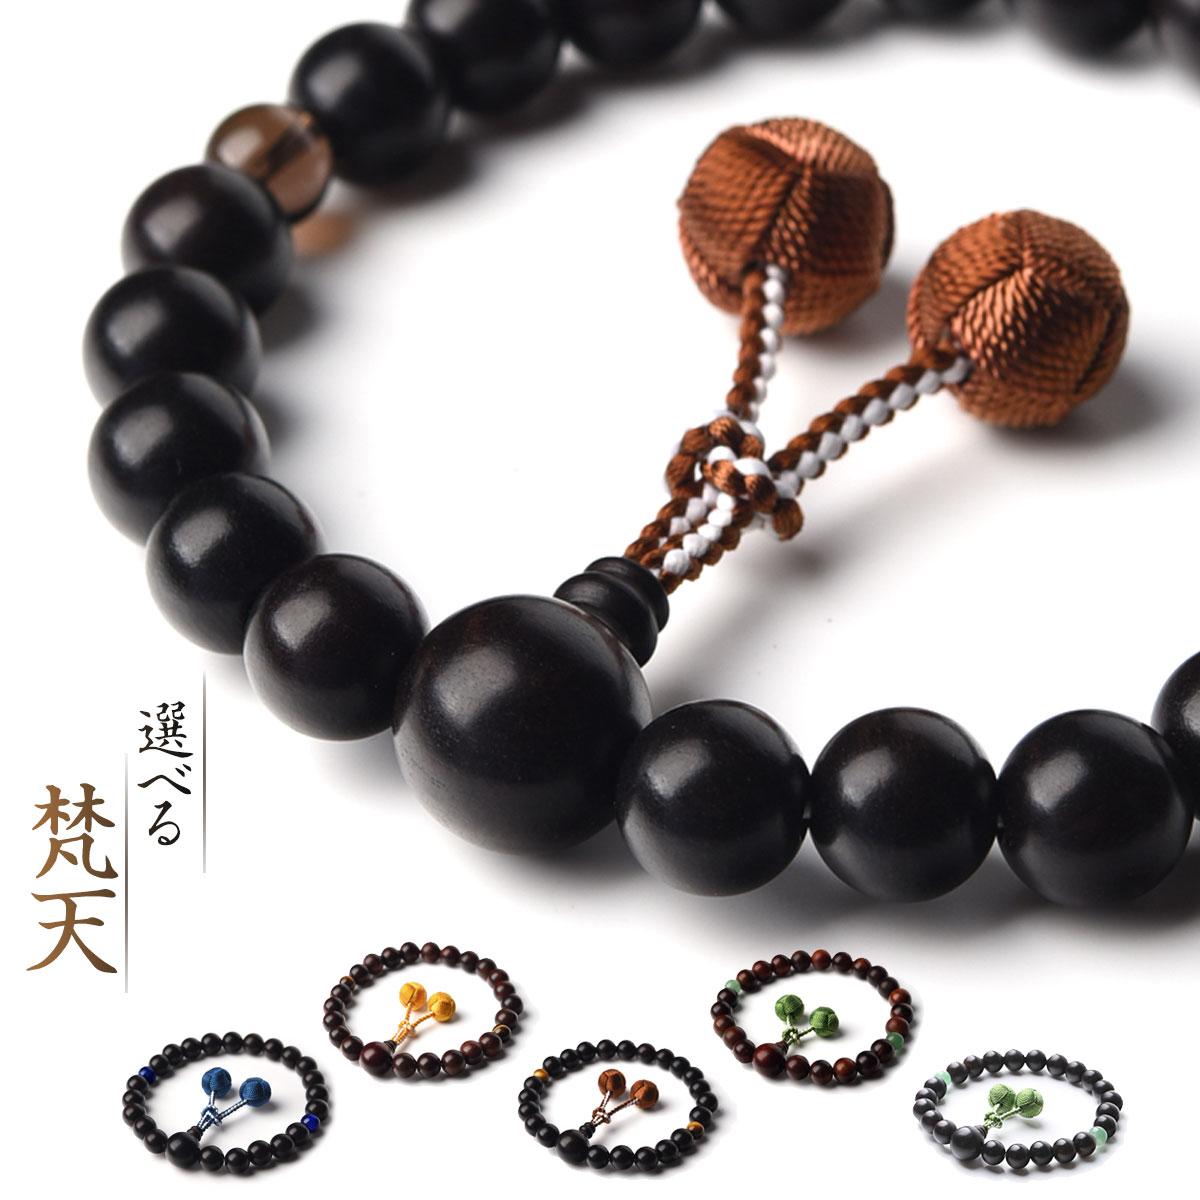 数珠 男性用 選べる 梵天房 数珠入れ 特典付 13mm 梵天 念珠 天然素材 juzu ss